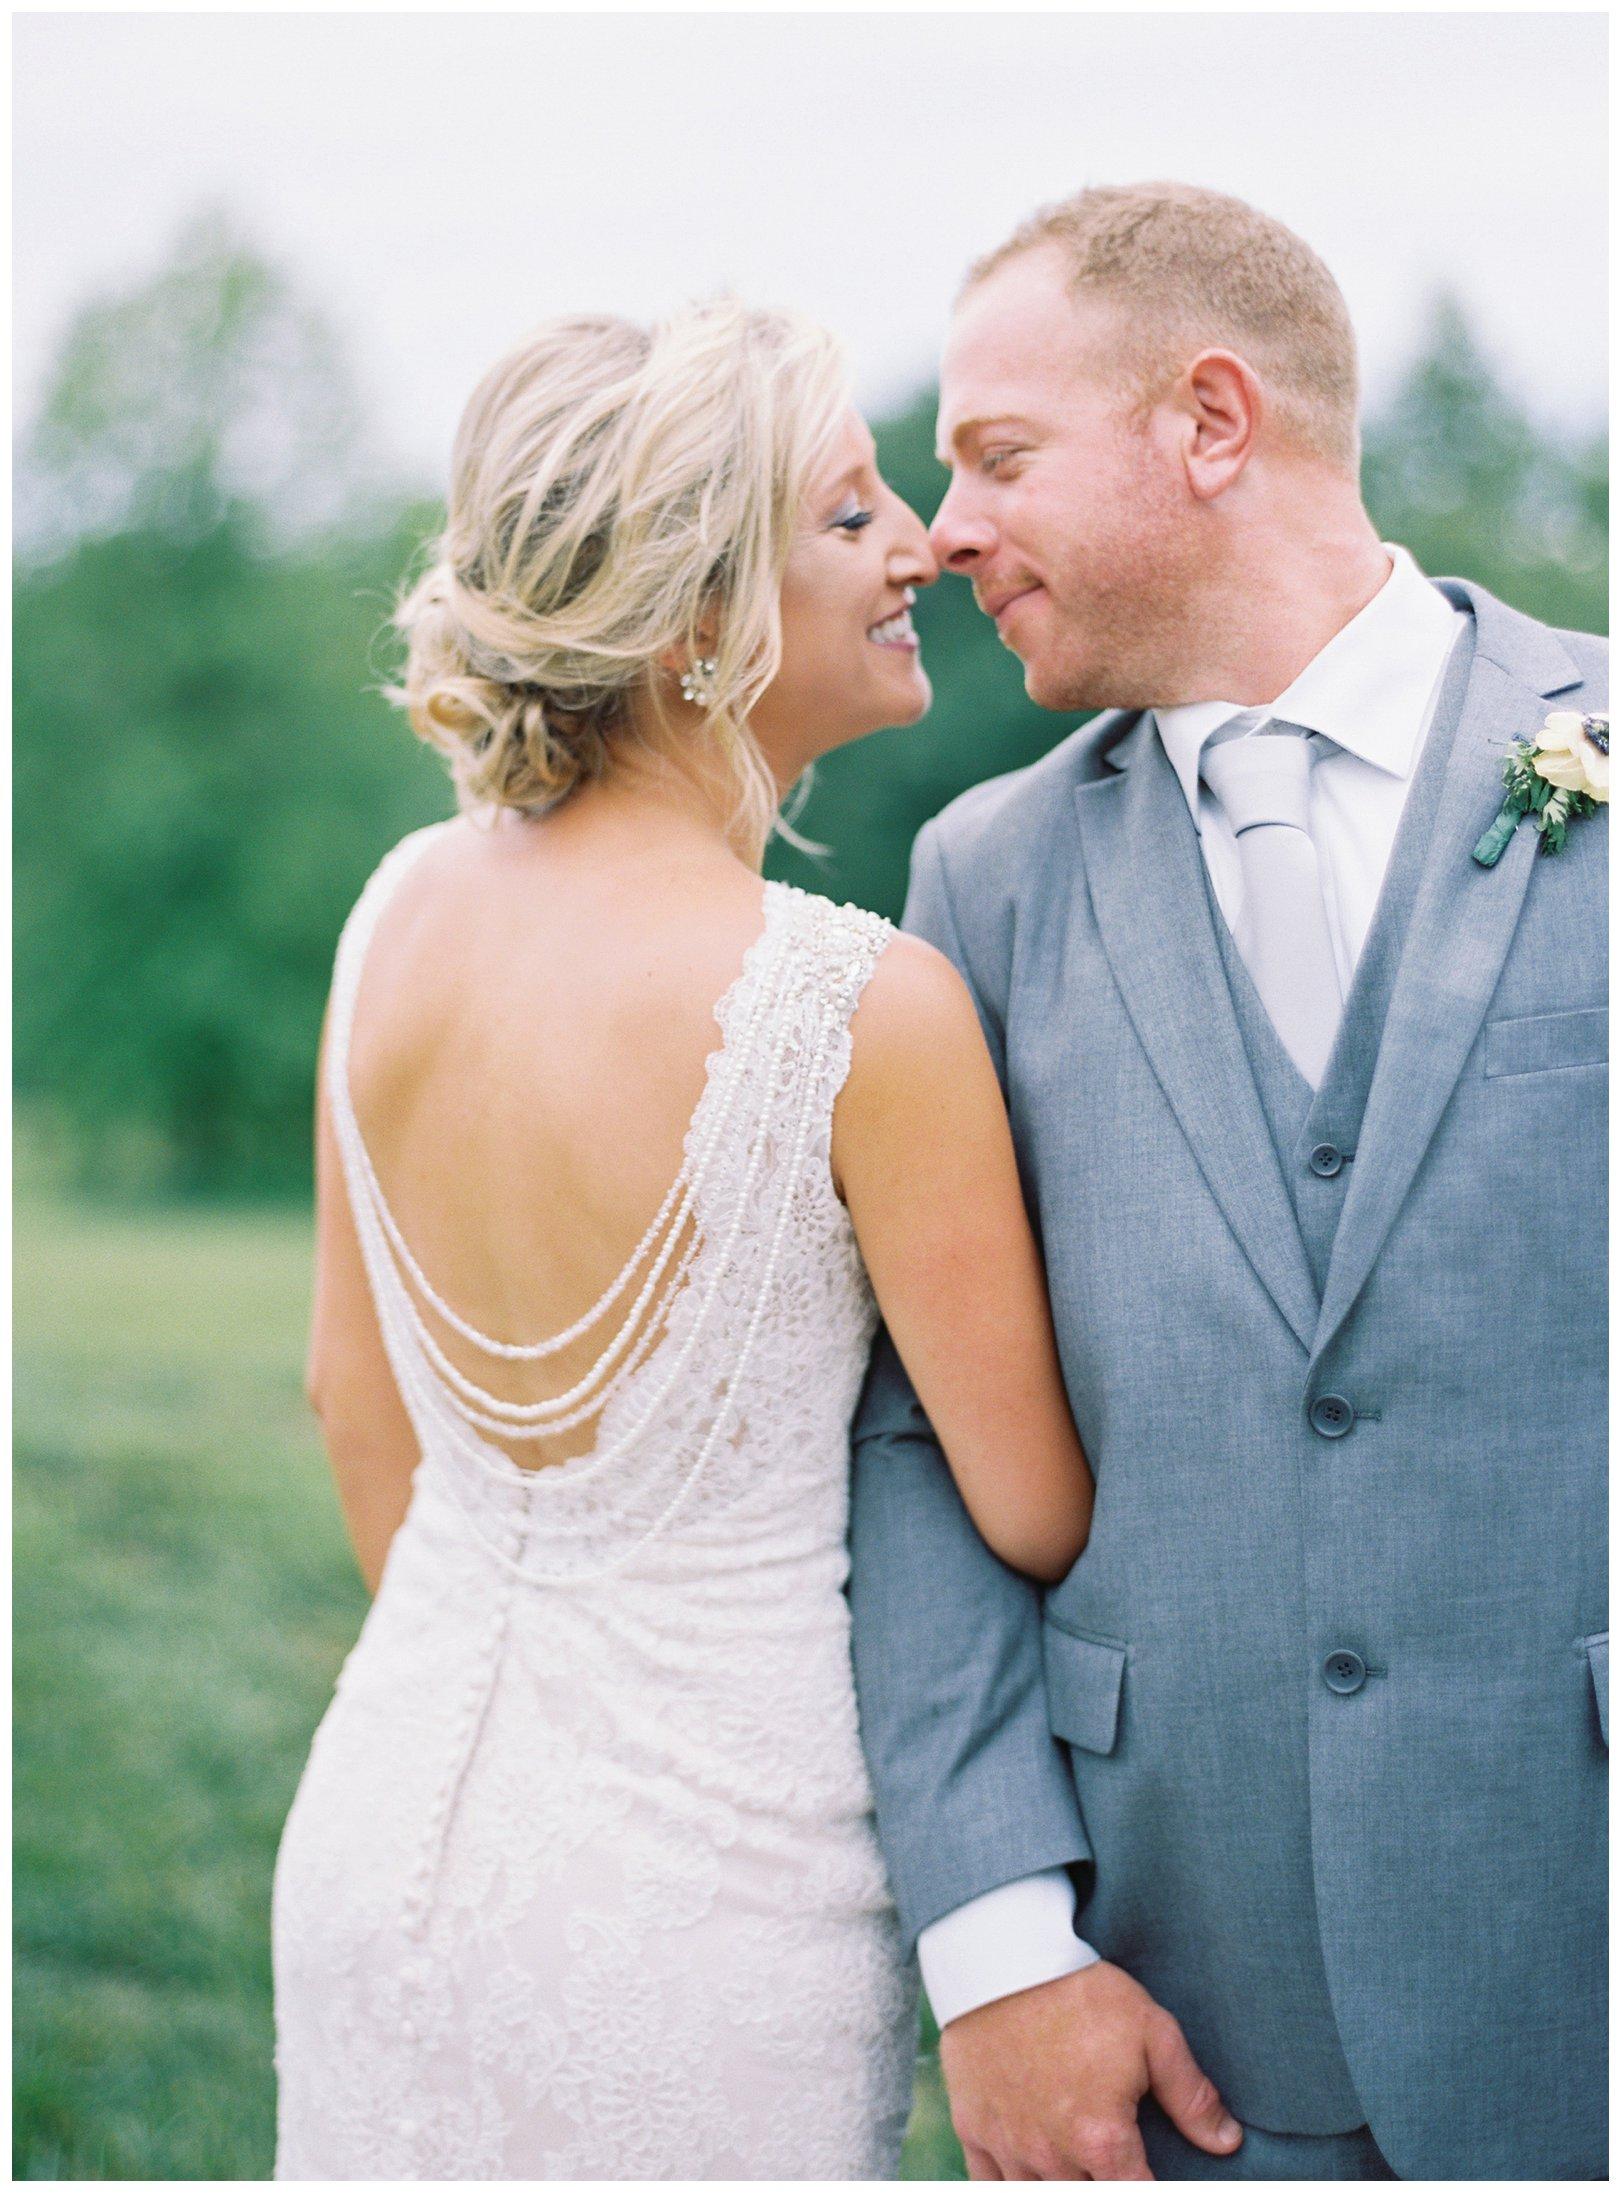 lauren muckler photography_fine art film wedding photography_st louis_photography_2381.jpg